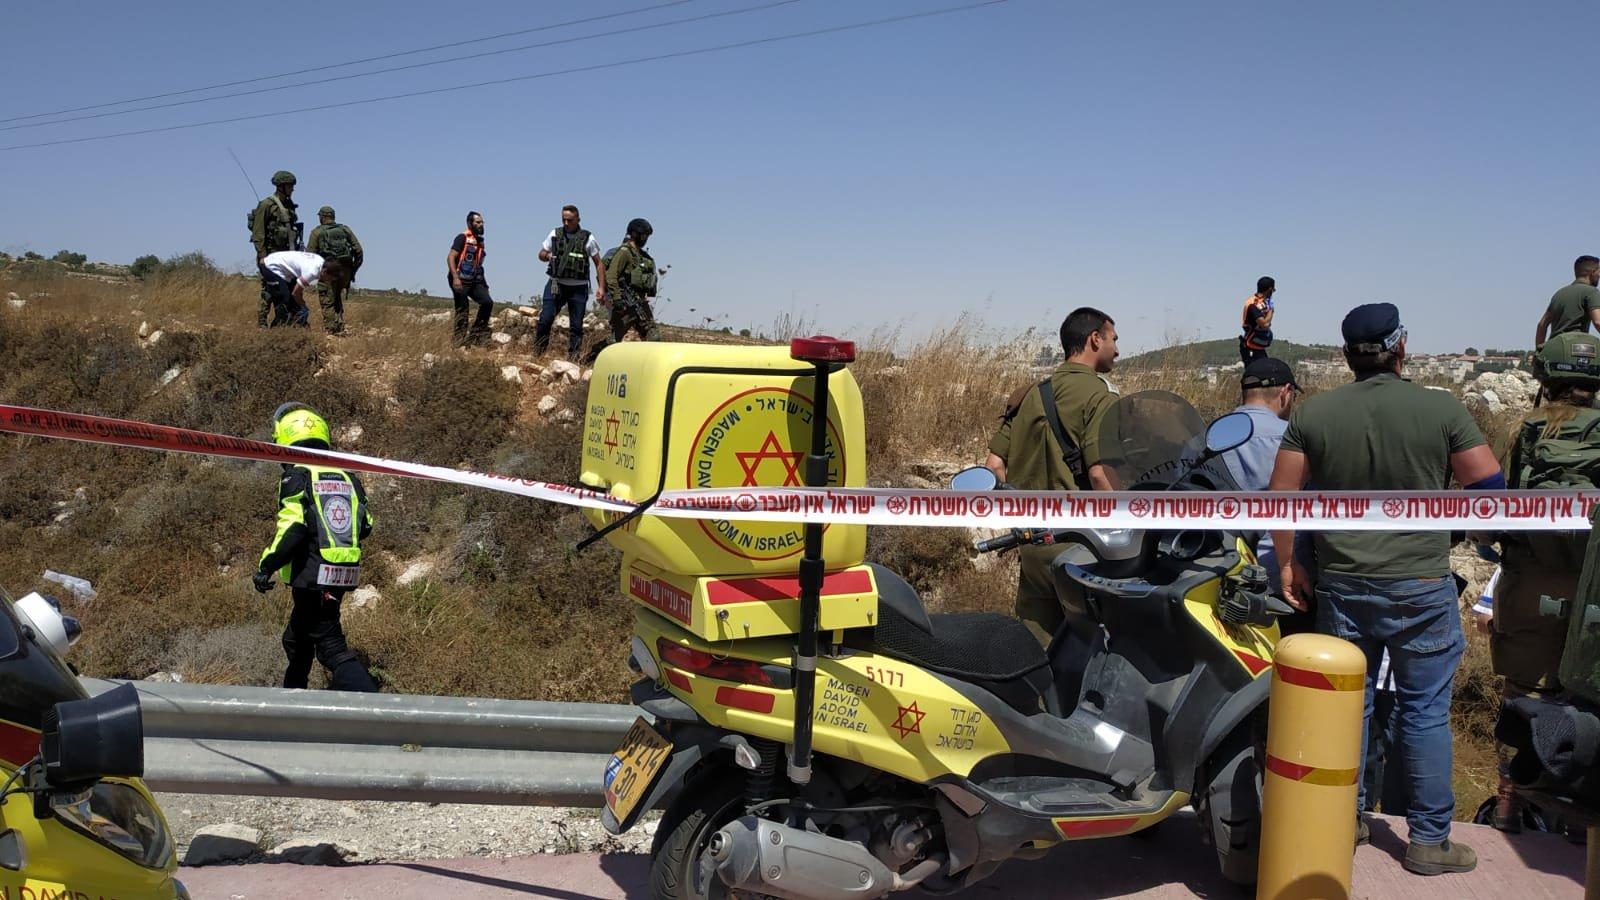 إطلاق نار على فلسطيني بزعم دهس مستوطنين قرب الخليل